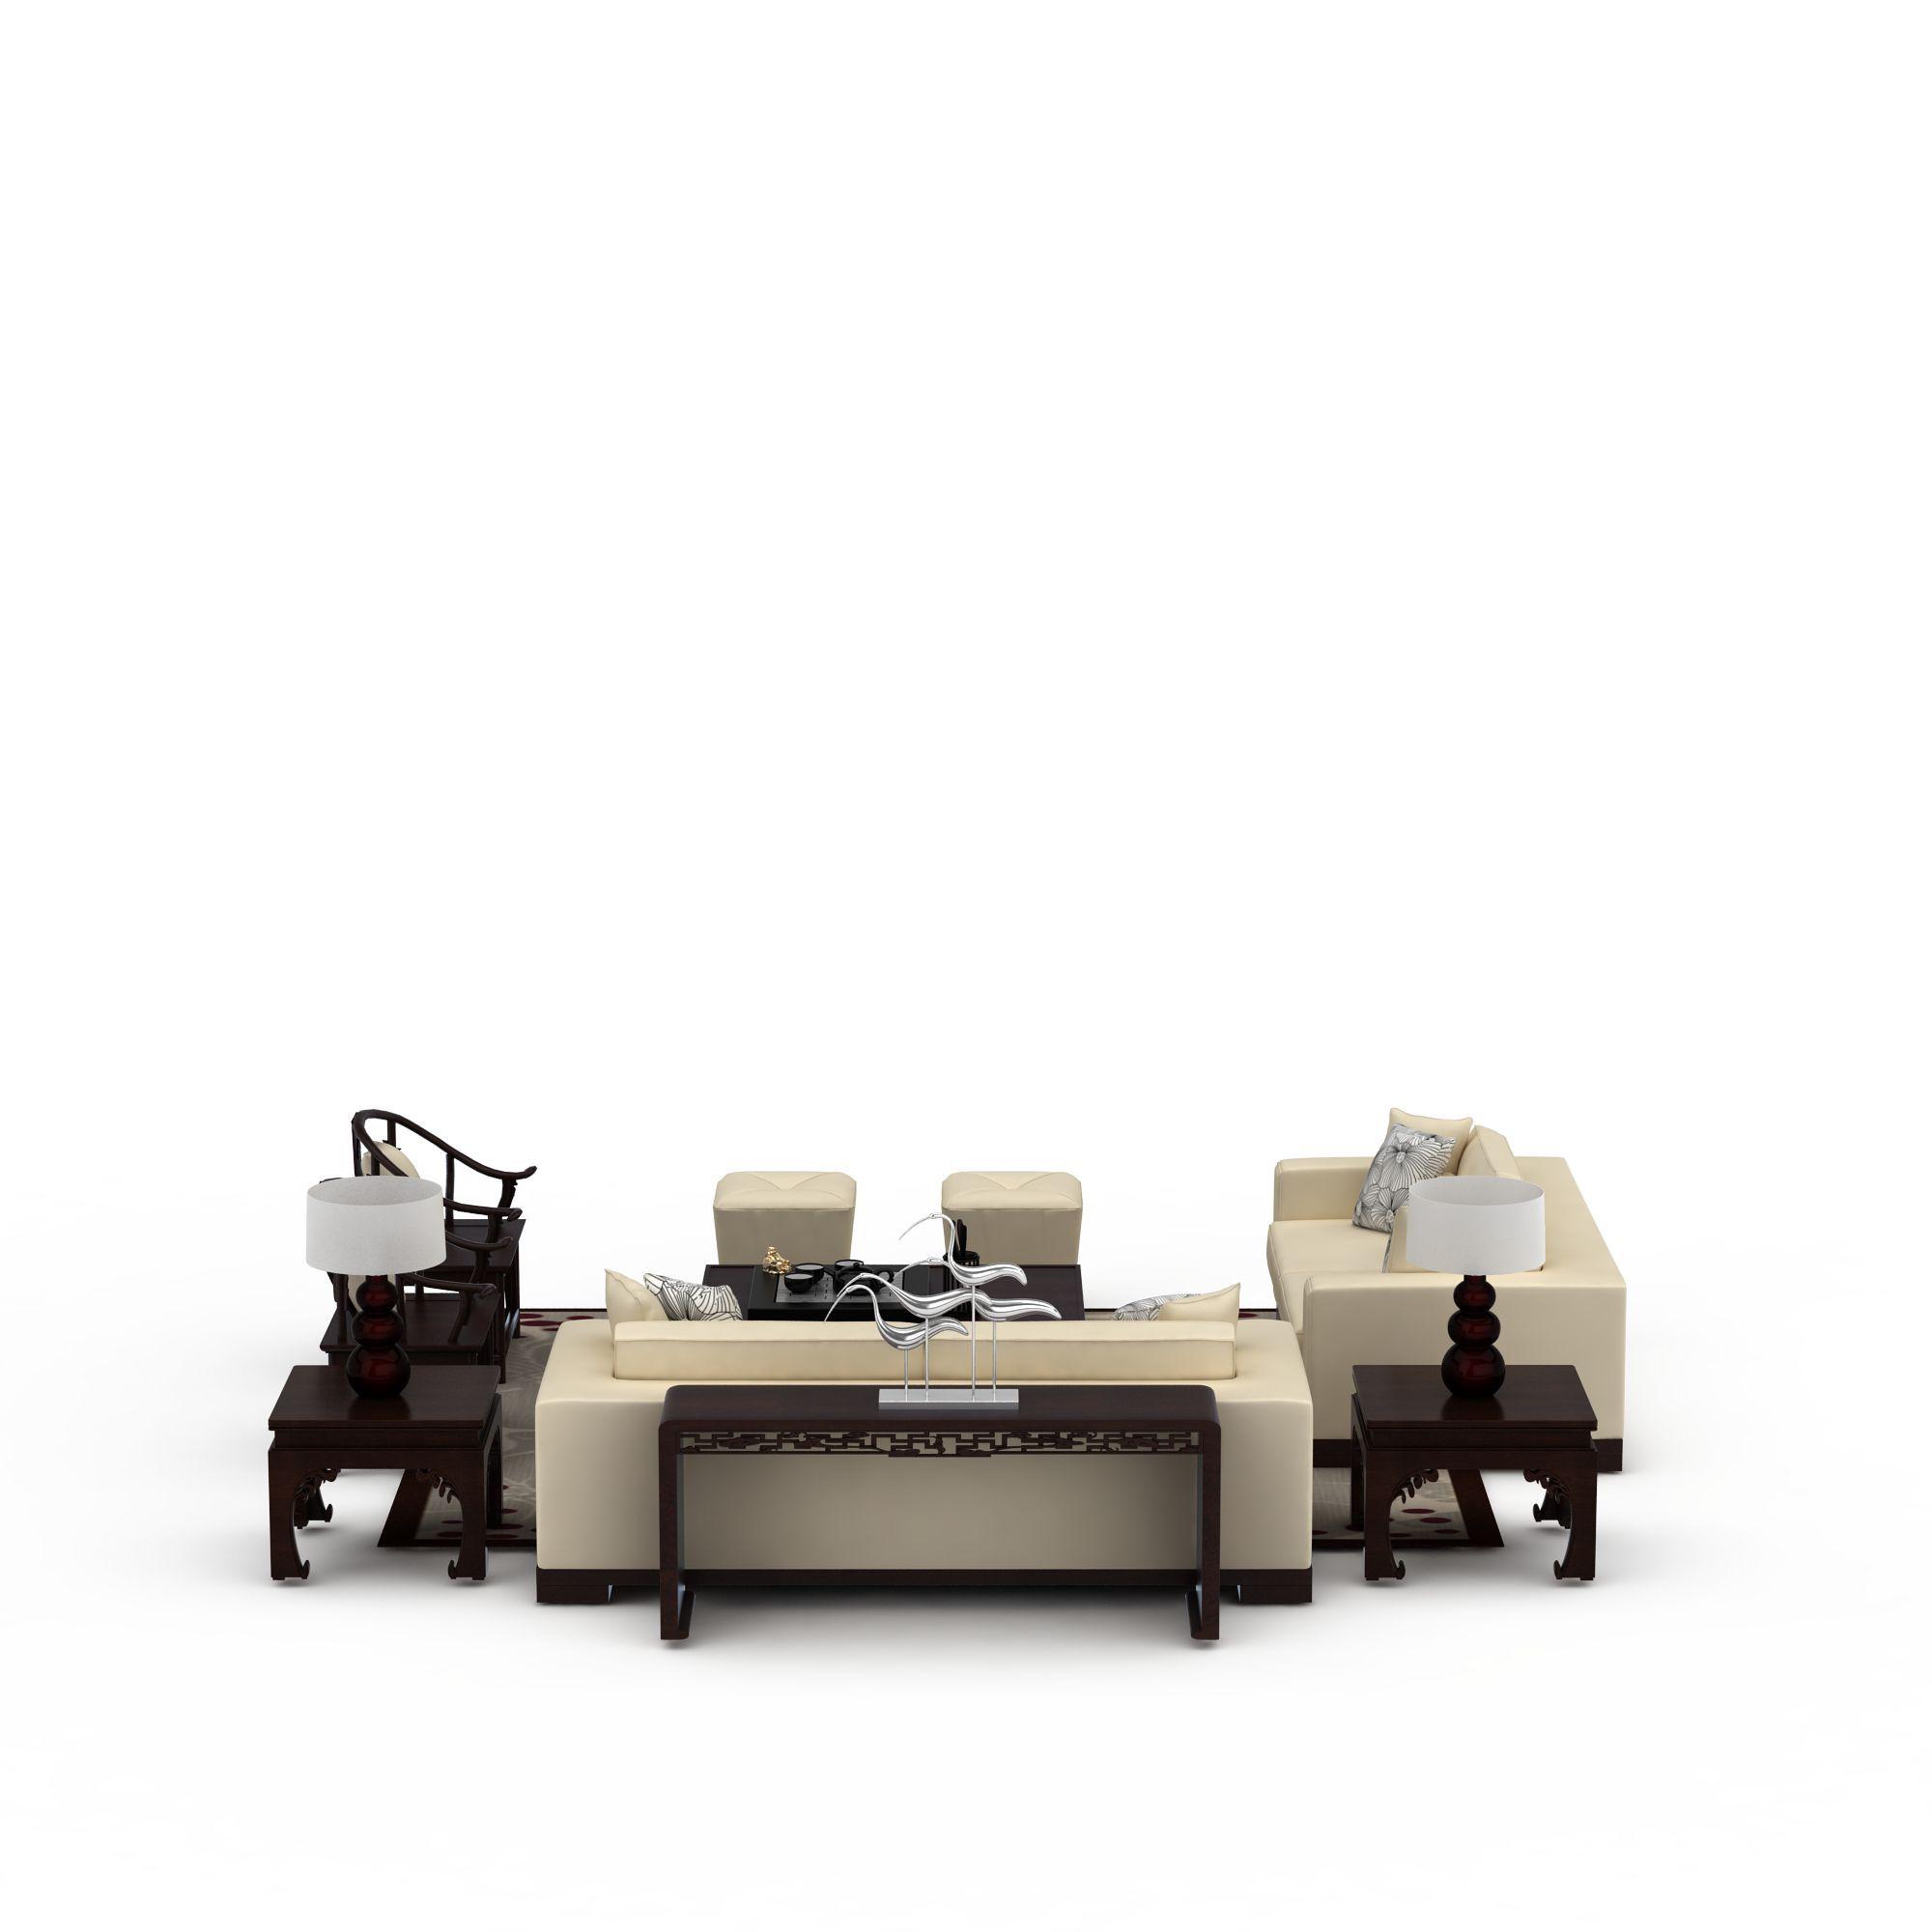 中式风格沙发组合图片_中式风格沙发组合png图片素材